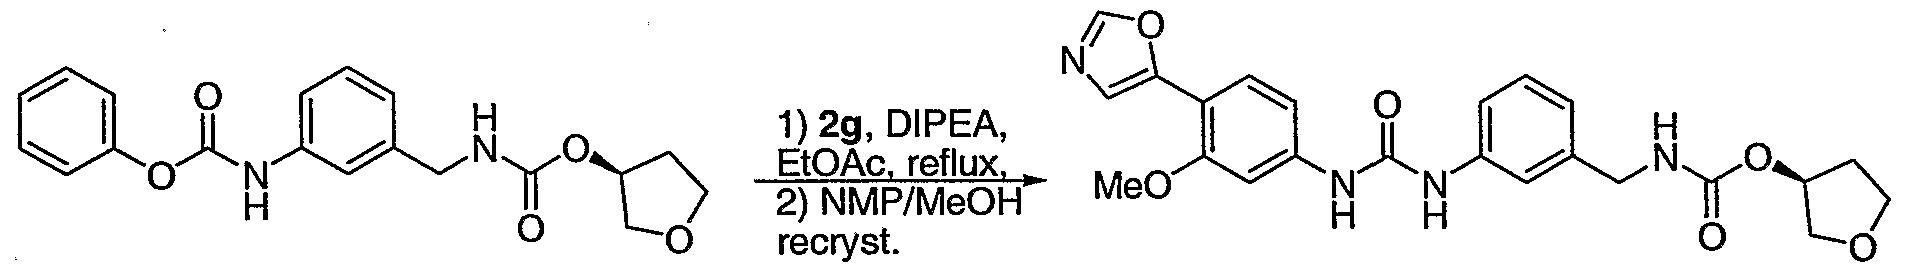 Figure imgf000055_0004